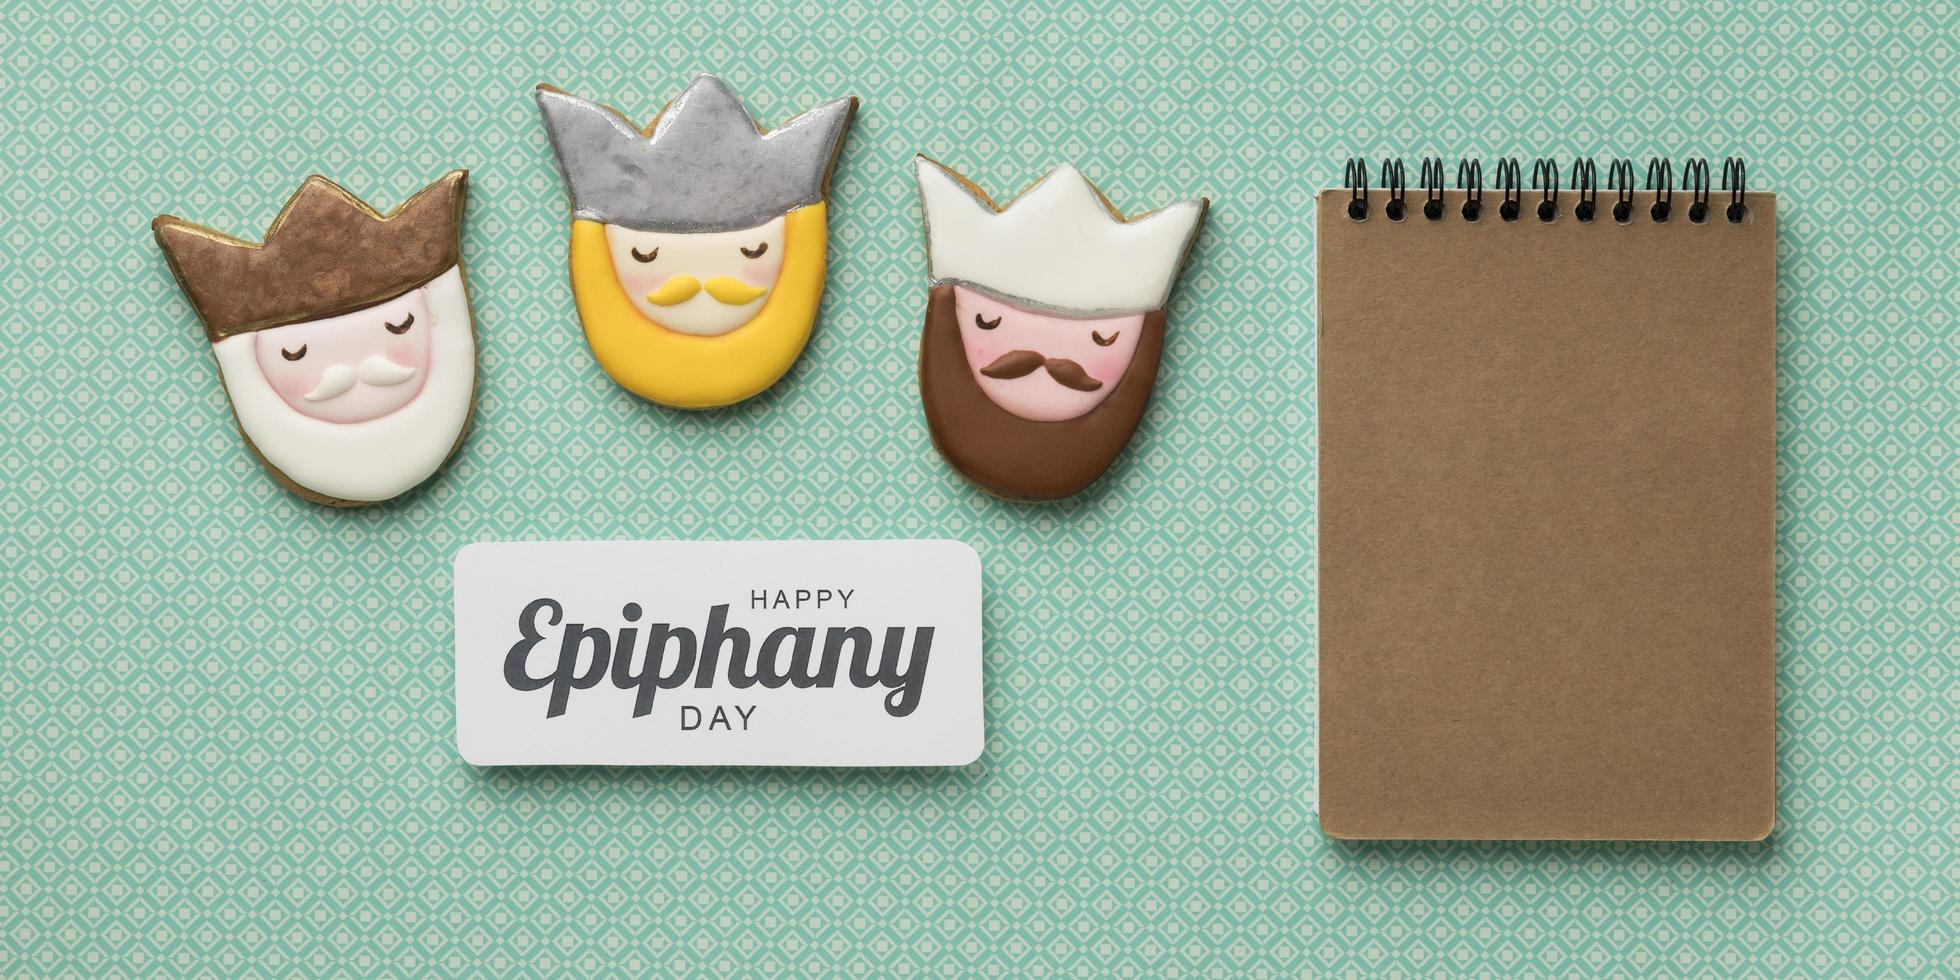 biscuits du jour de l'épiphanie avec bloc-notes photo